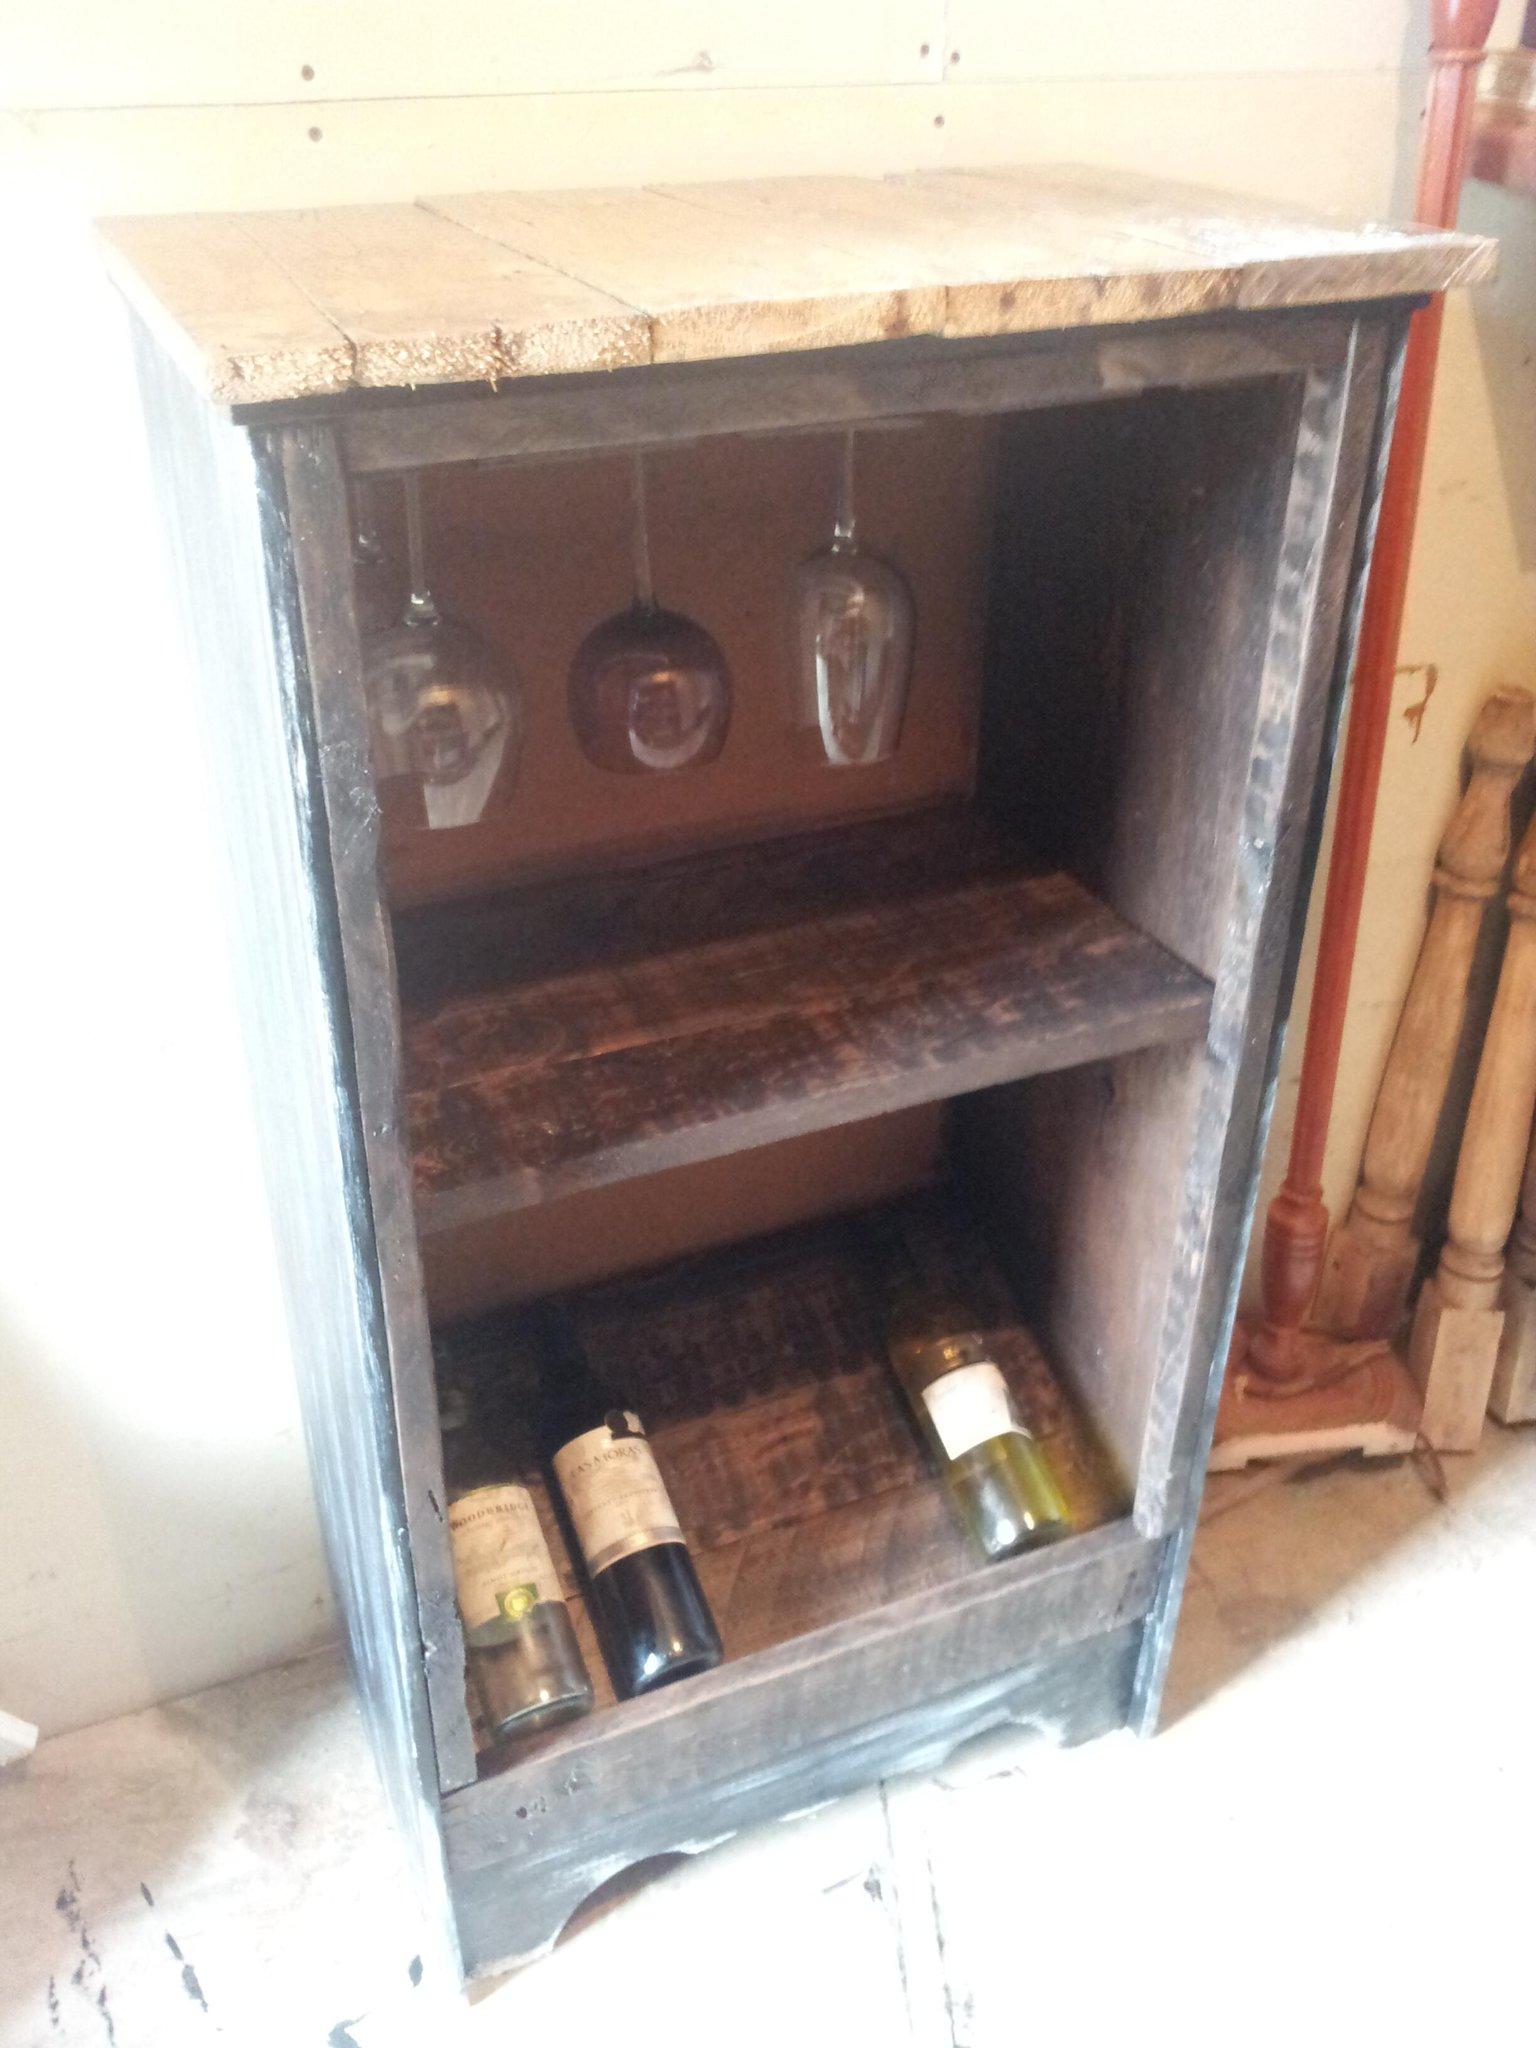 Sneak peek: wine n glass cabinet 100+ yr old floor boards ontop wood pallets inside #repurposeddresser #unique http://t.co/zLcGk88MZw